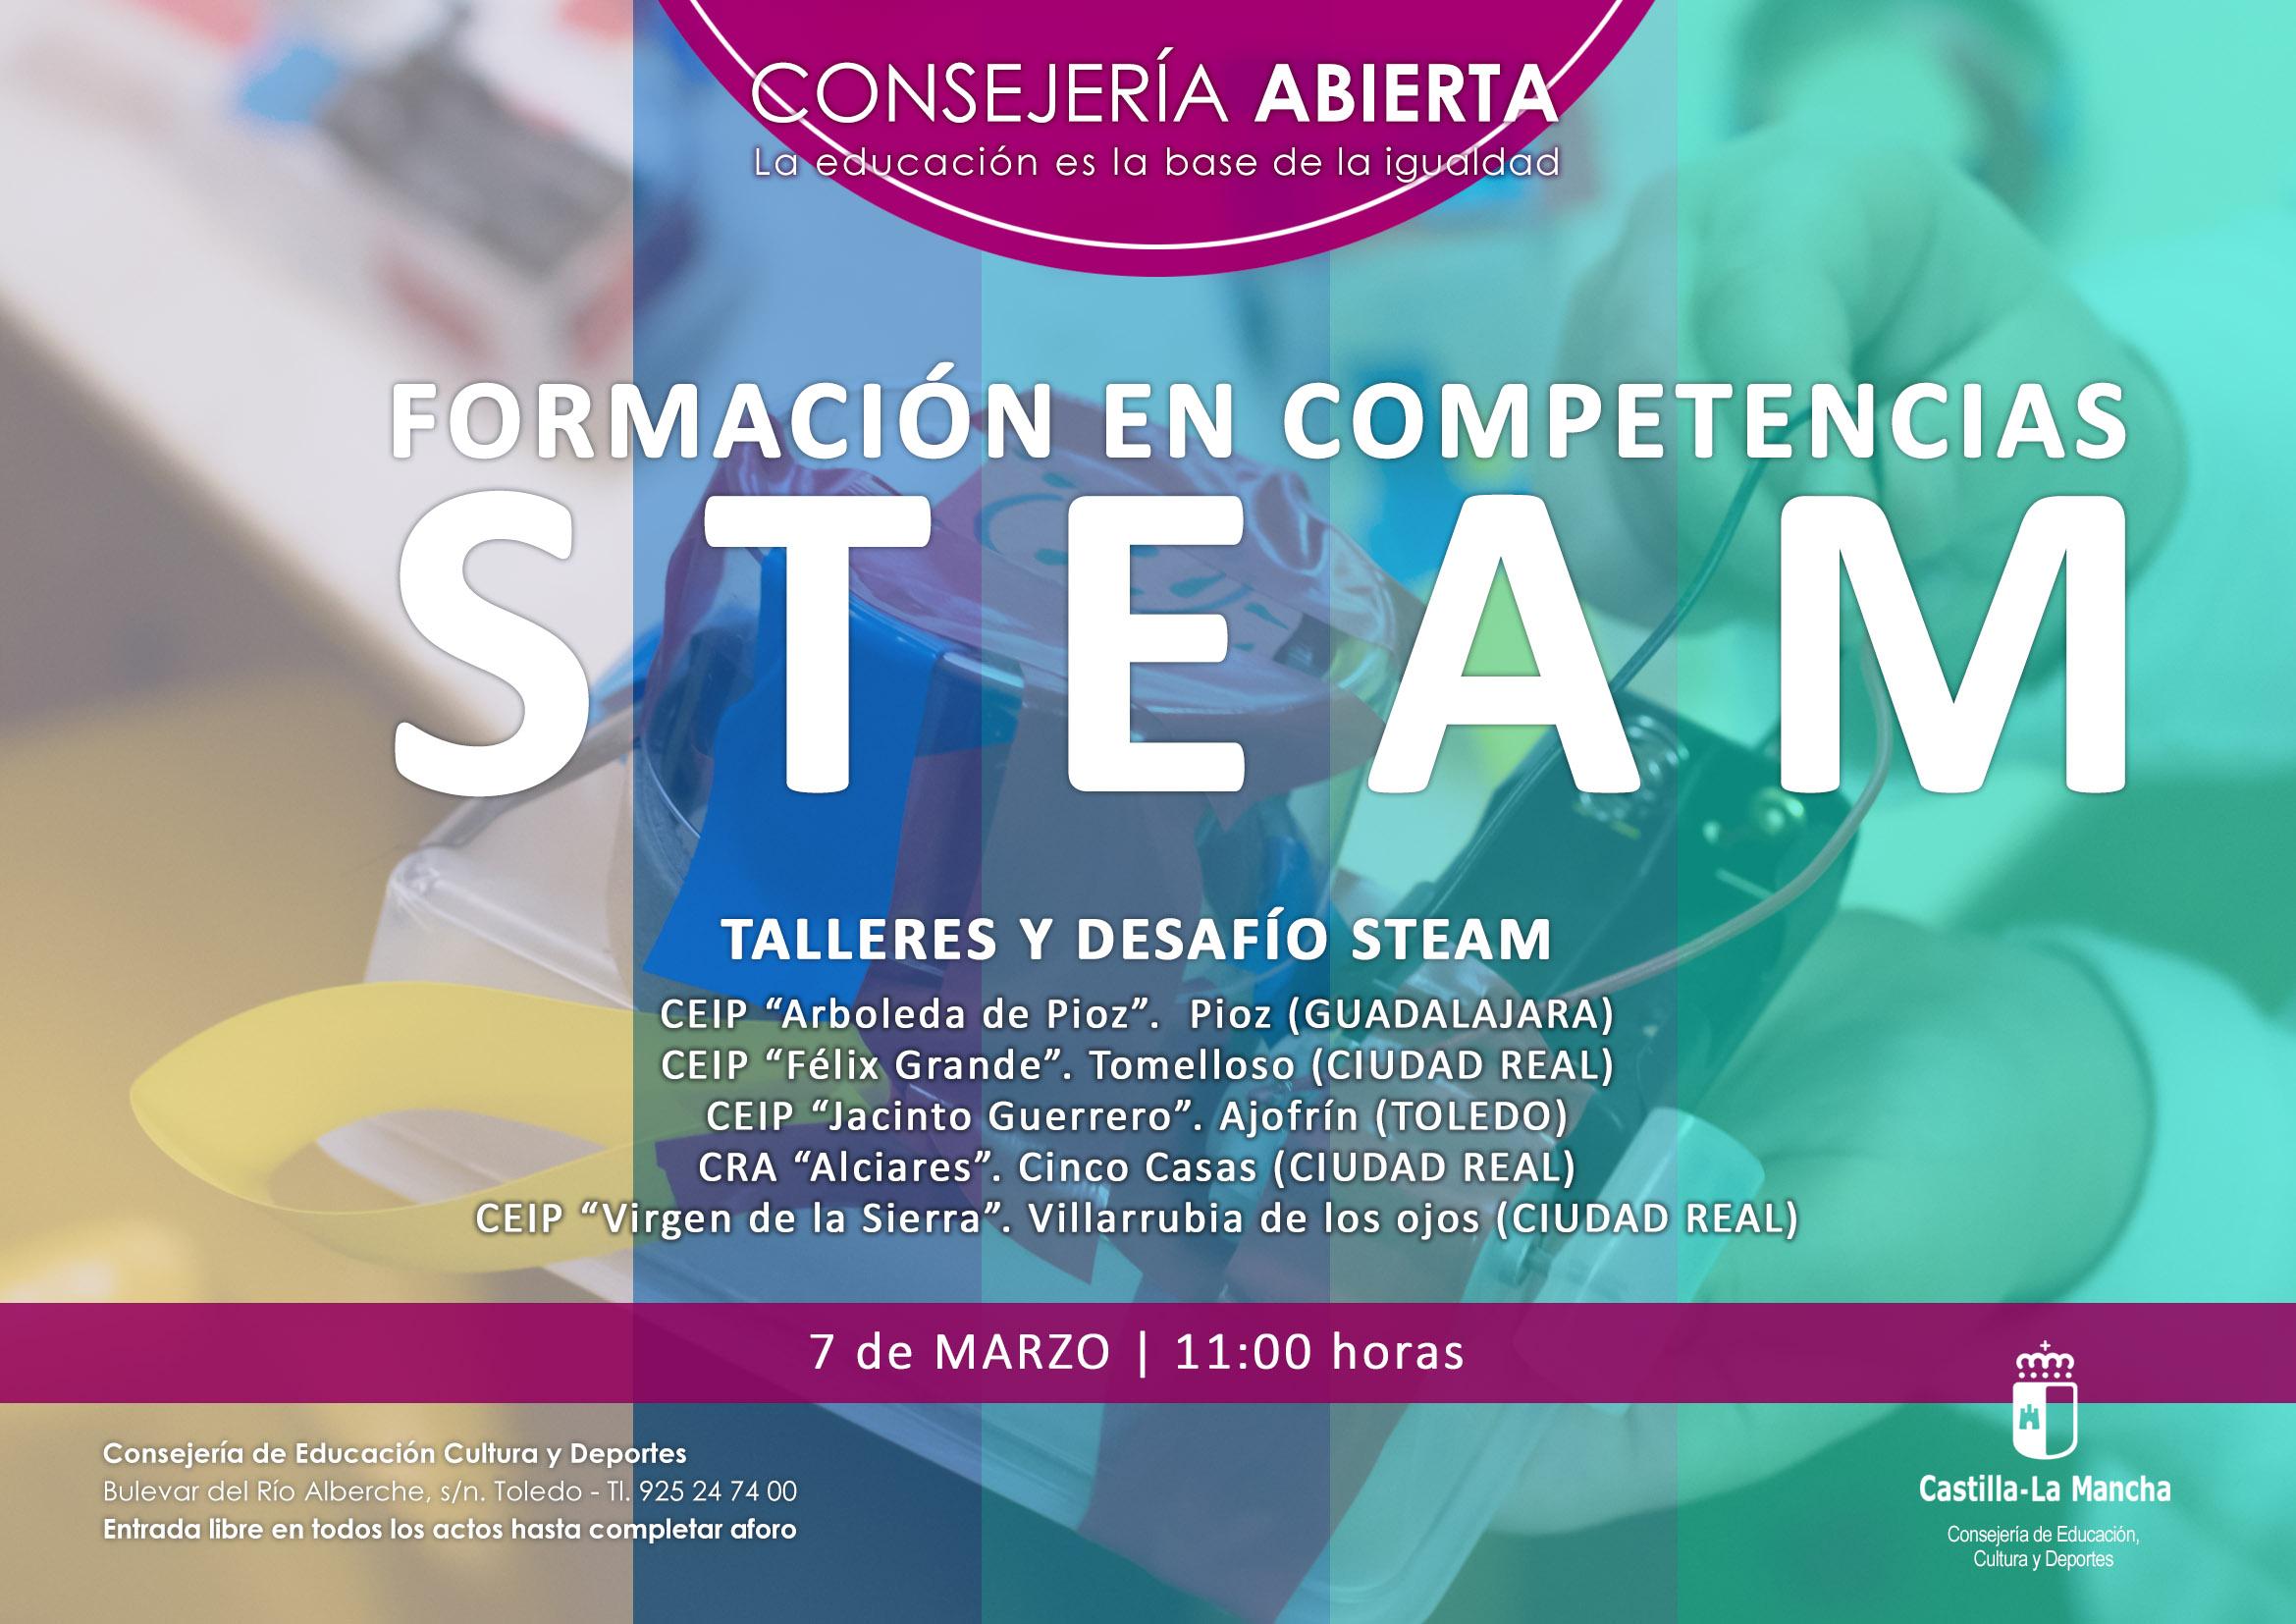 """""""Formación en competencias STEAM"""", Consejería Abierta"""